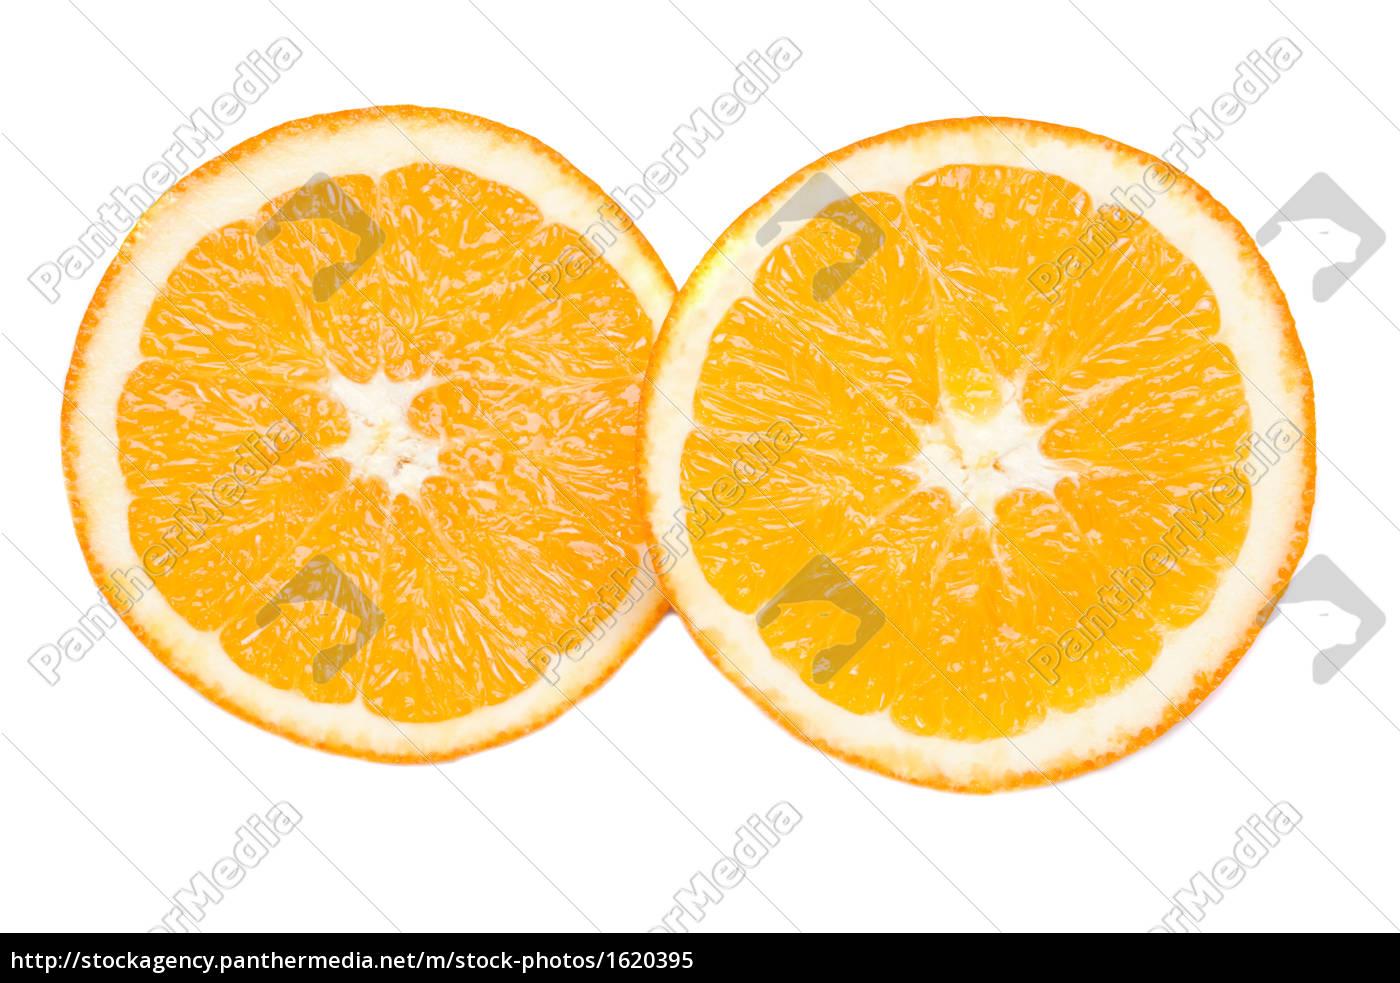 oranges - 1620395